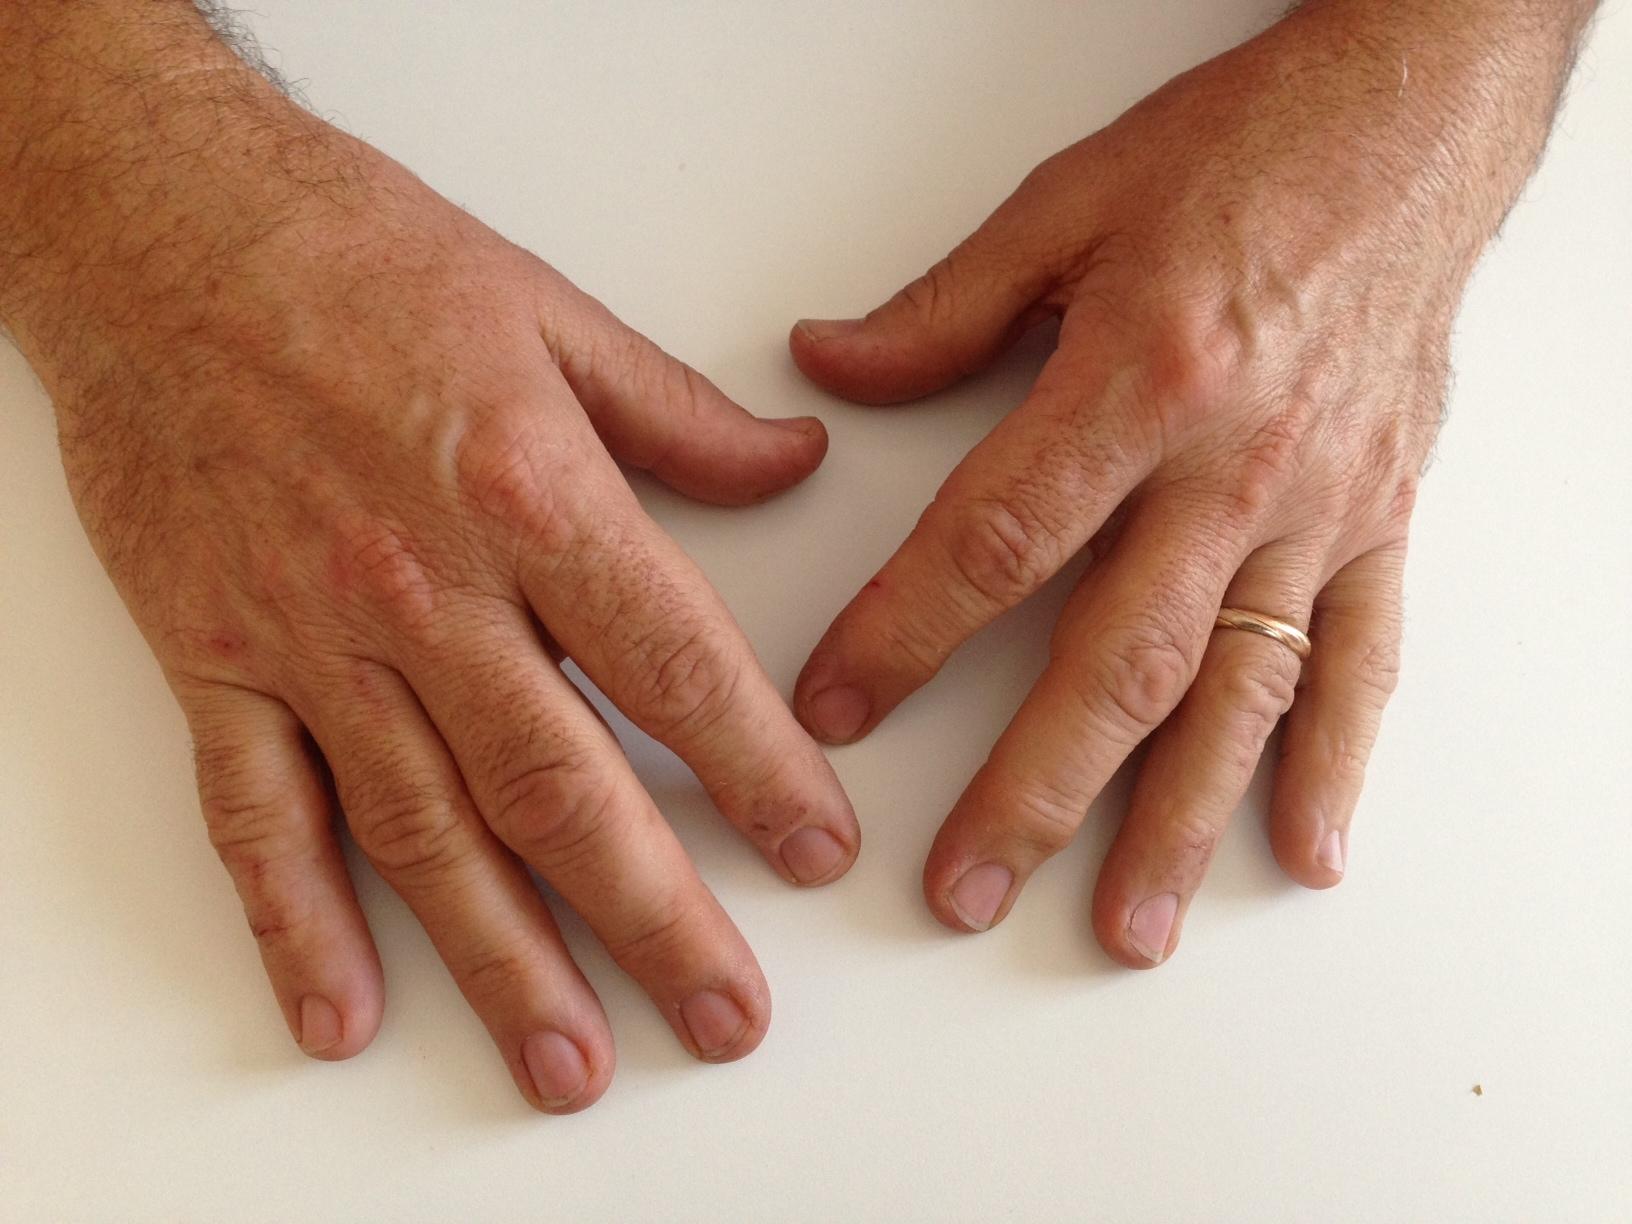 Che si artrosi alle mani automatic software - Bagni di paraffina alle mani ...